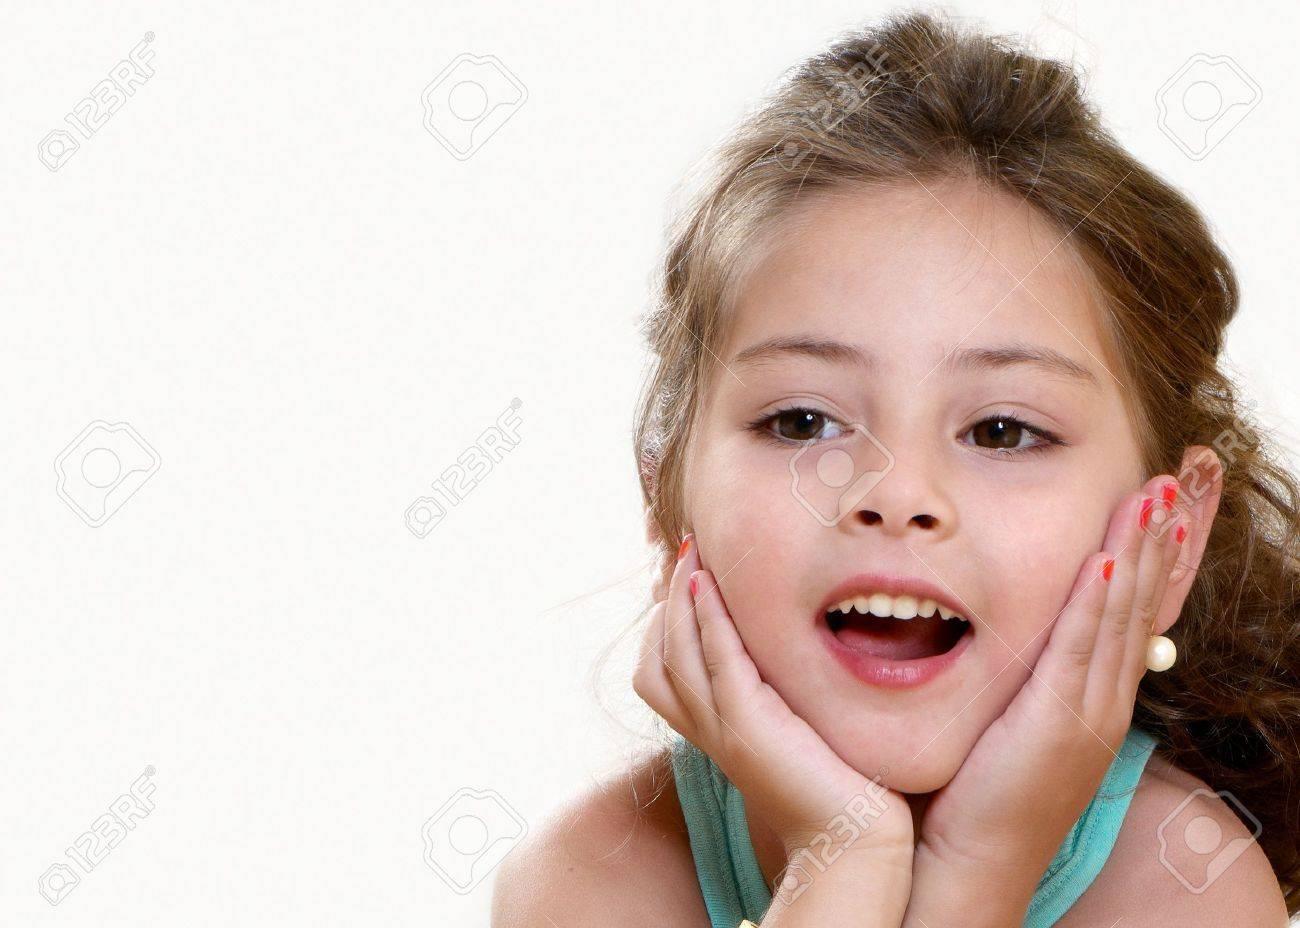 435d93fec24 little girl portrait in light background Stock Photo - 7953104